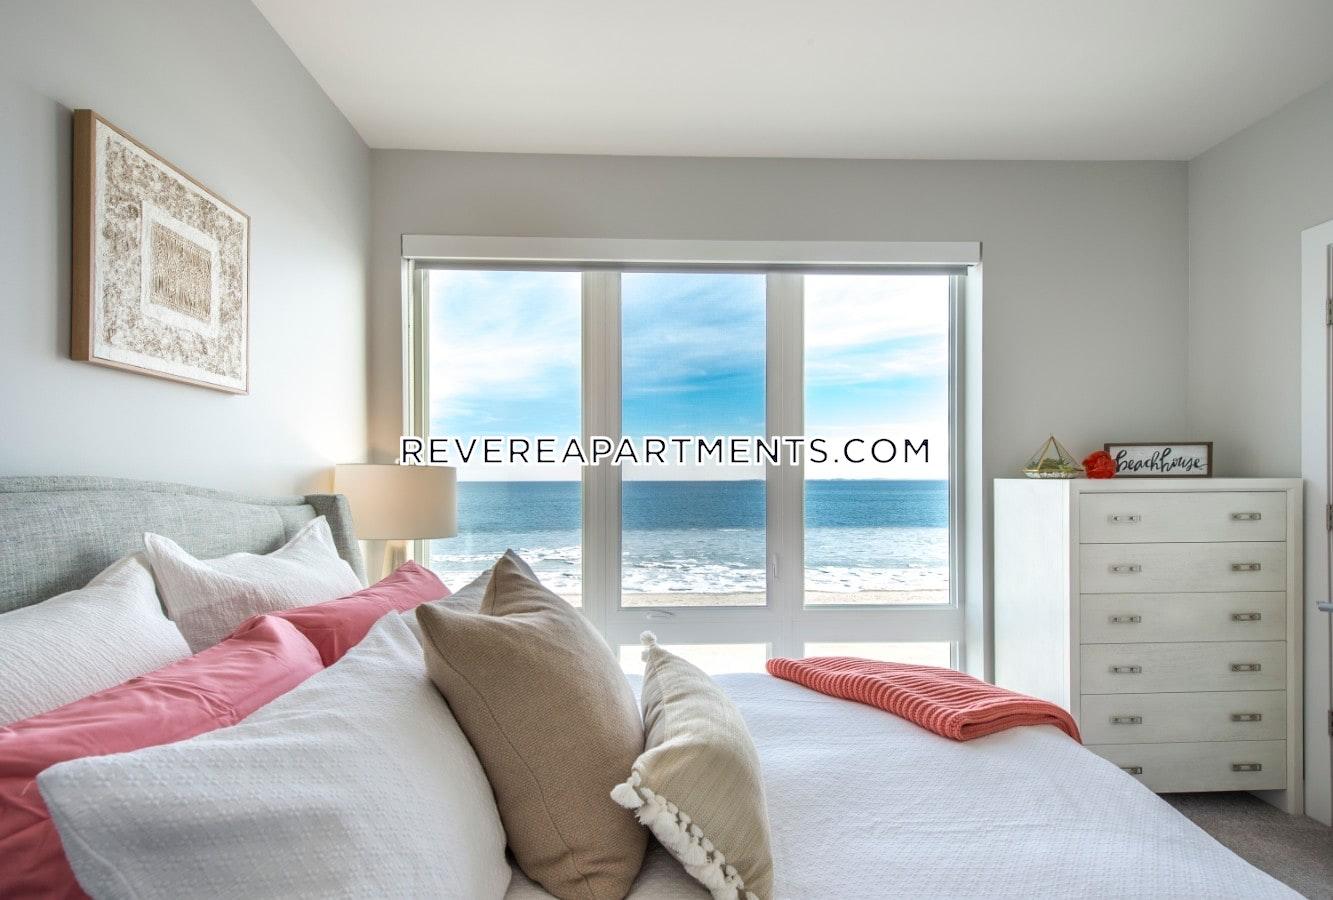 Revere Beach Boulevard REVERE